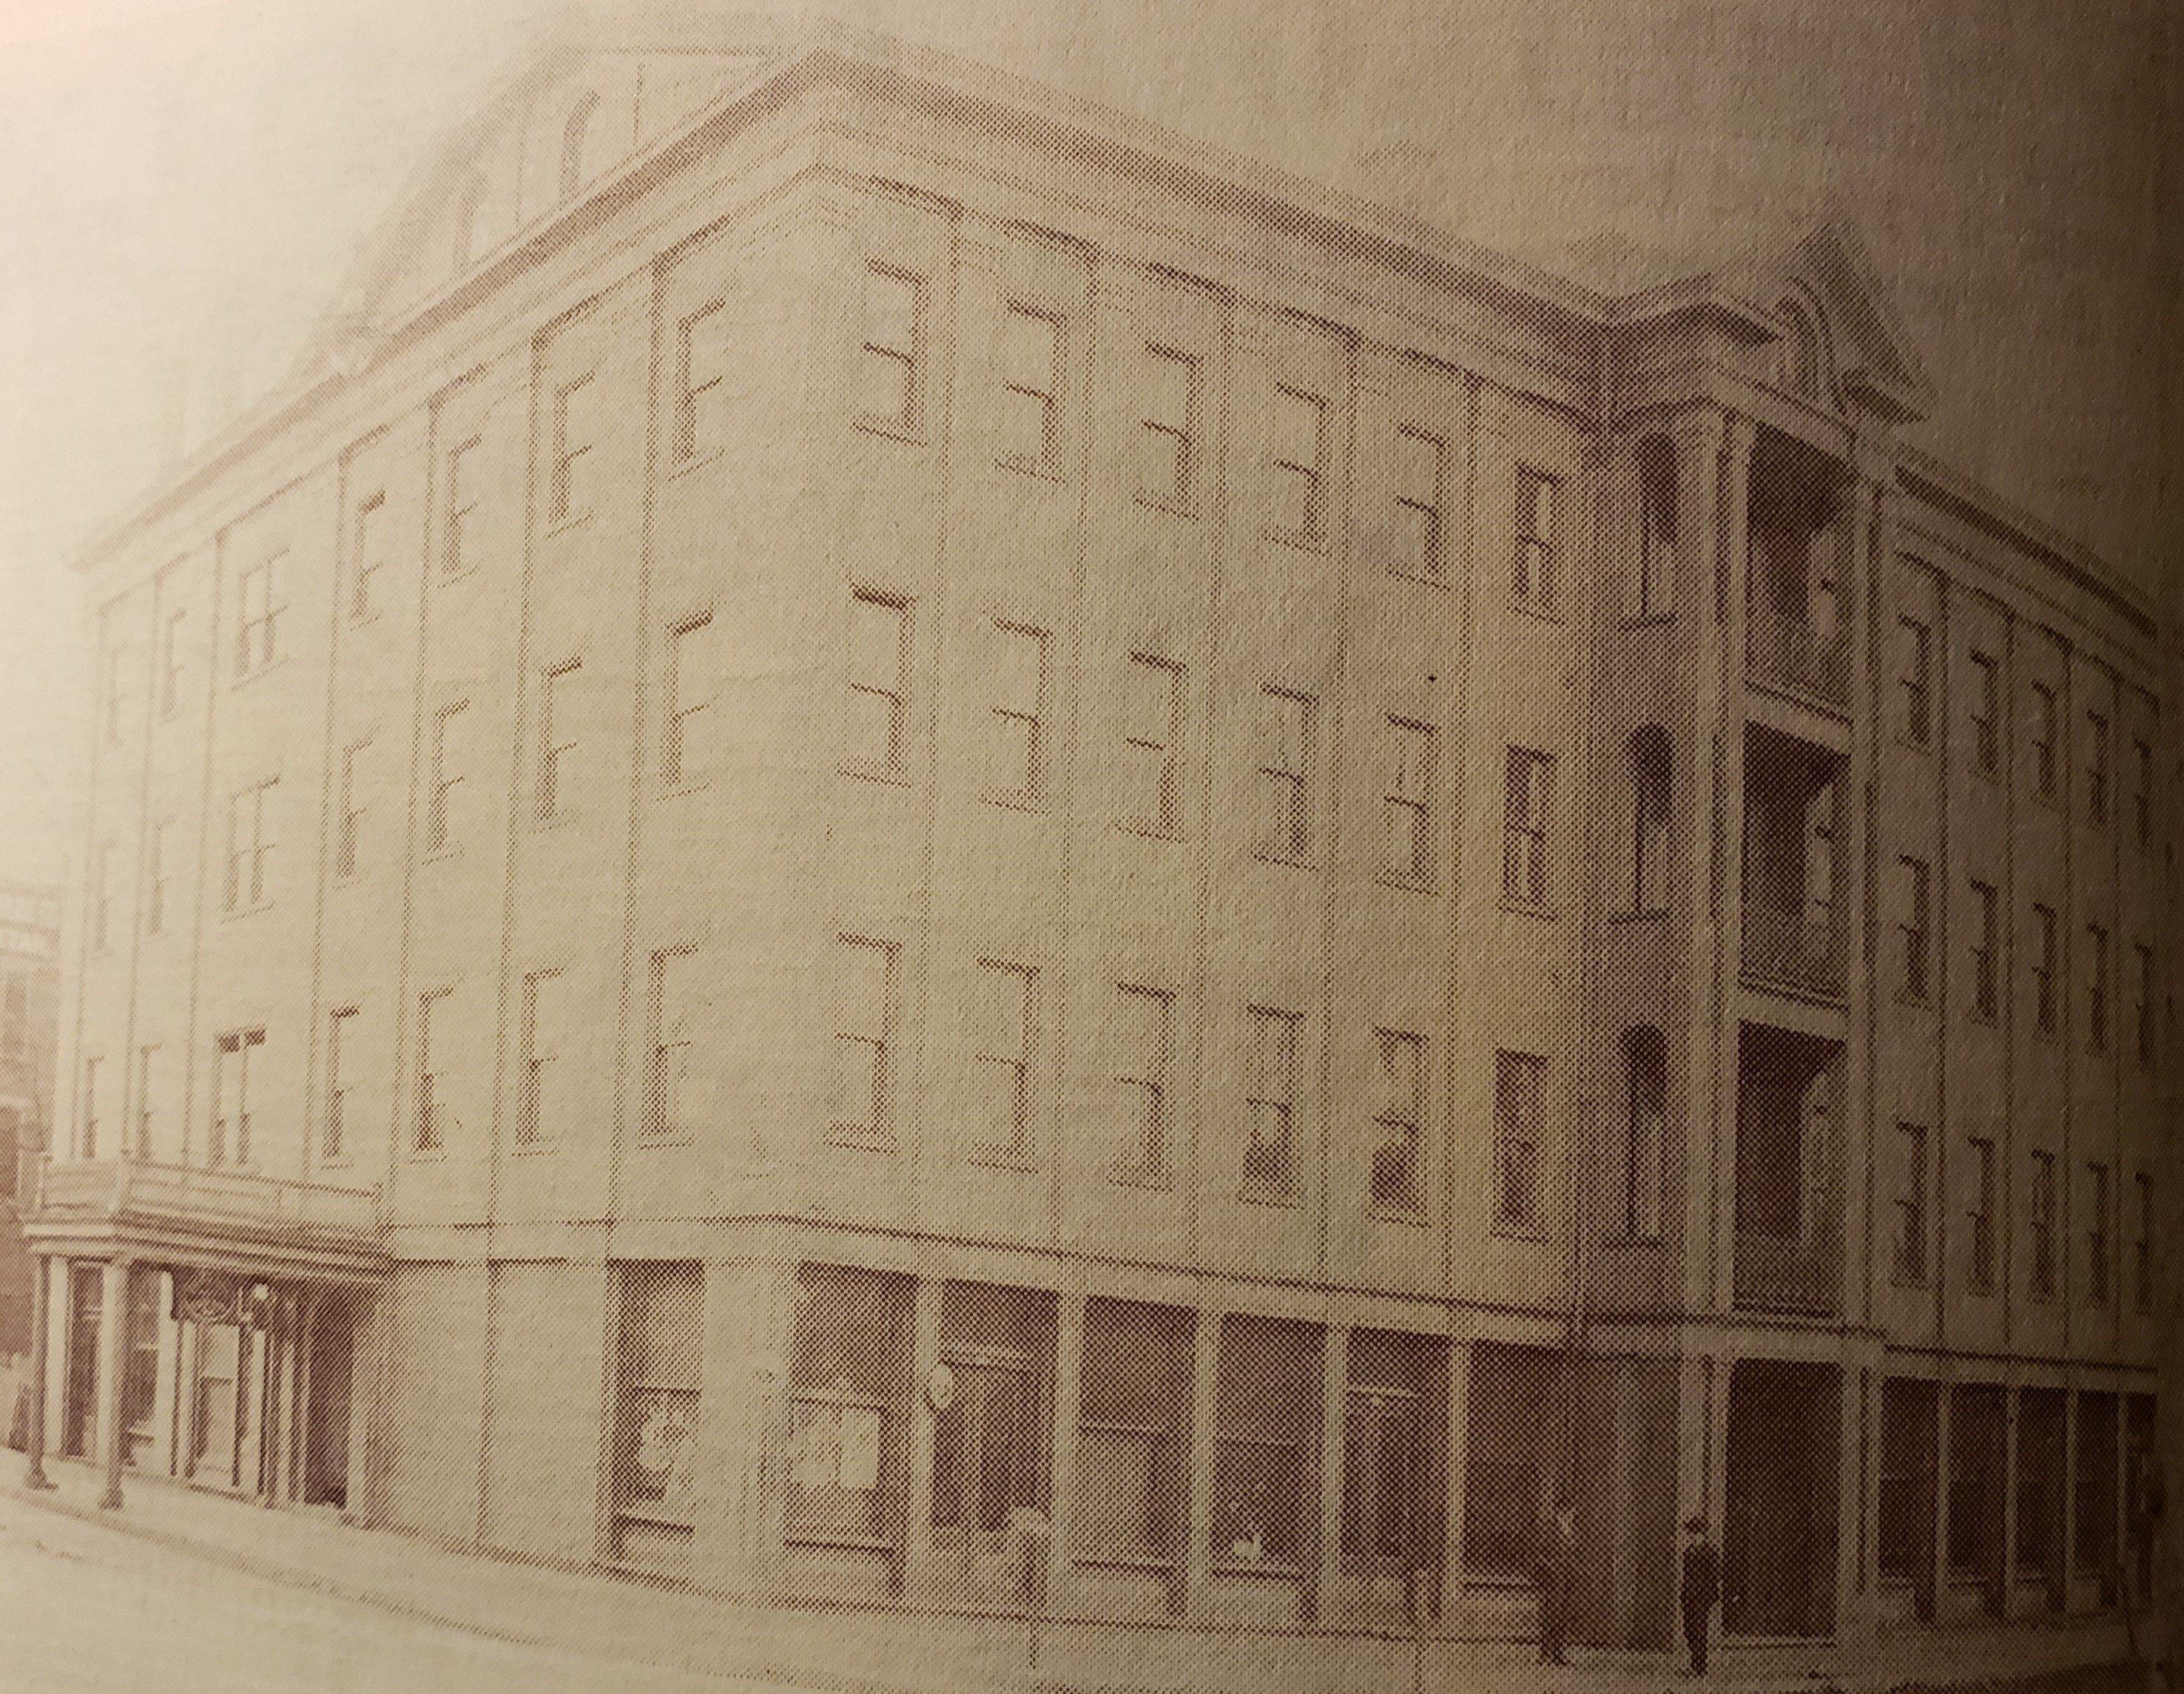 The Aldine Hotel before it closed down